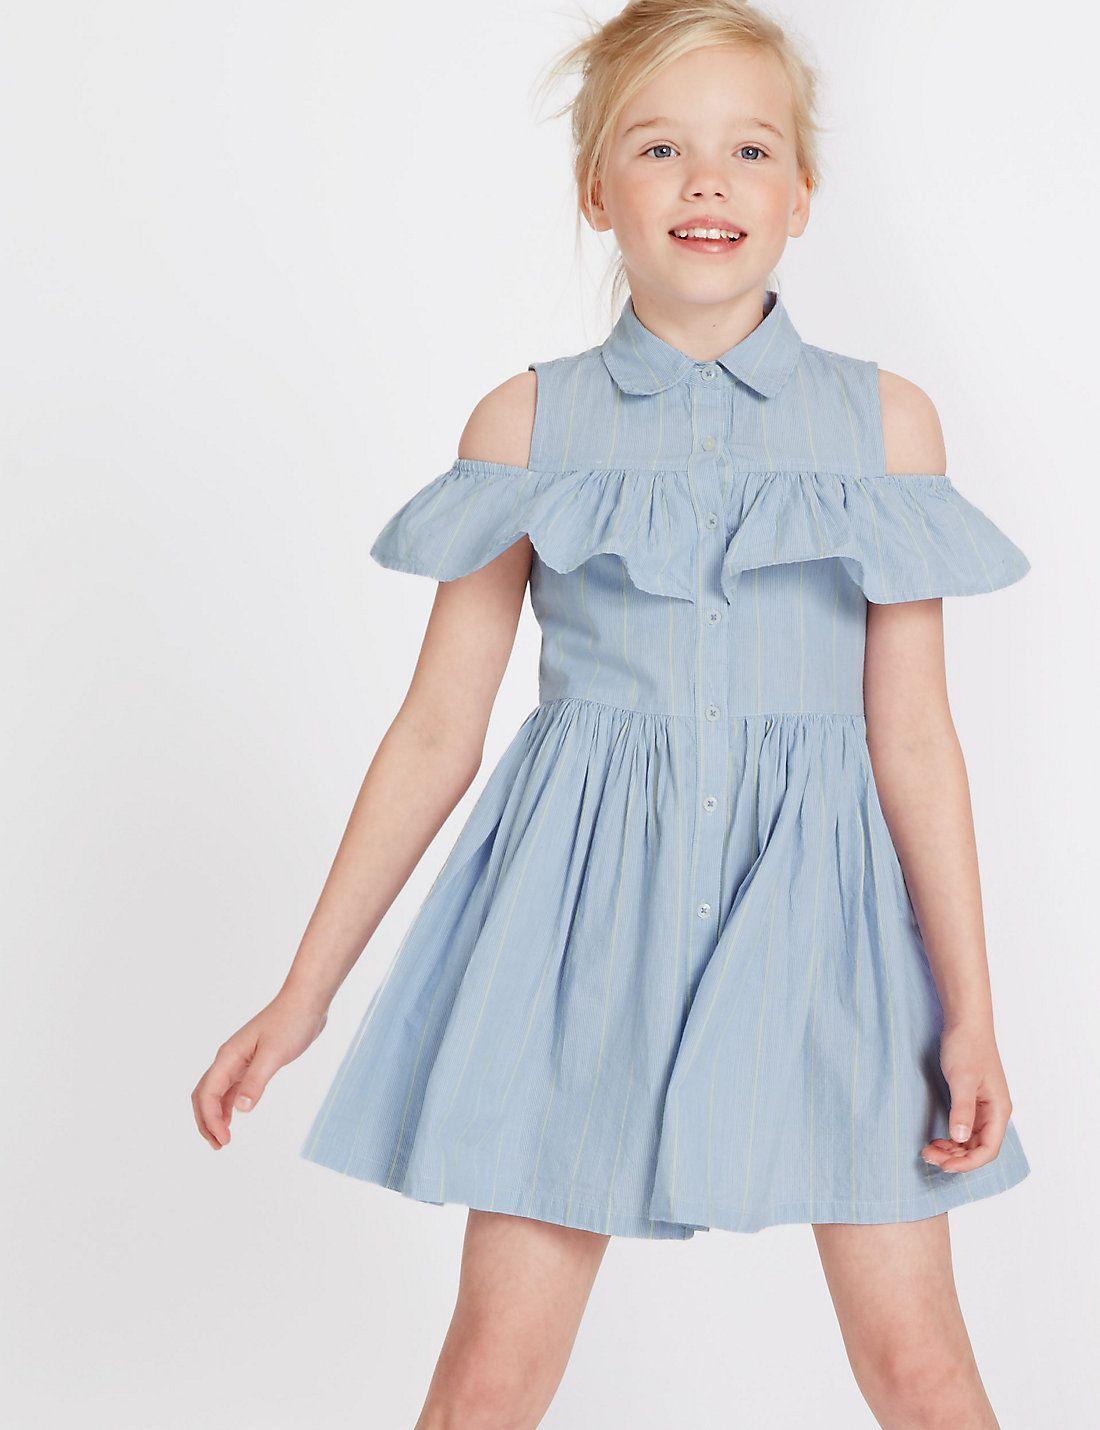 Gestreiftes Kleid Aus Reiner Baumwolle 3 14 Jahre 2020 Goruntuler Ile Sirin Elbiseler Yazlik Kiyafetler Cocuk Giyim